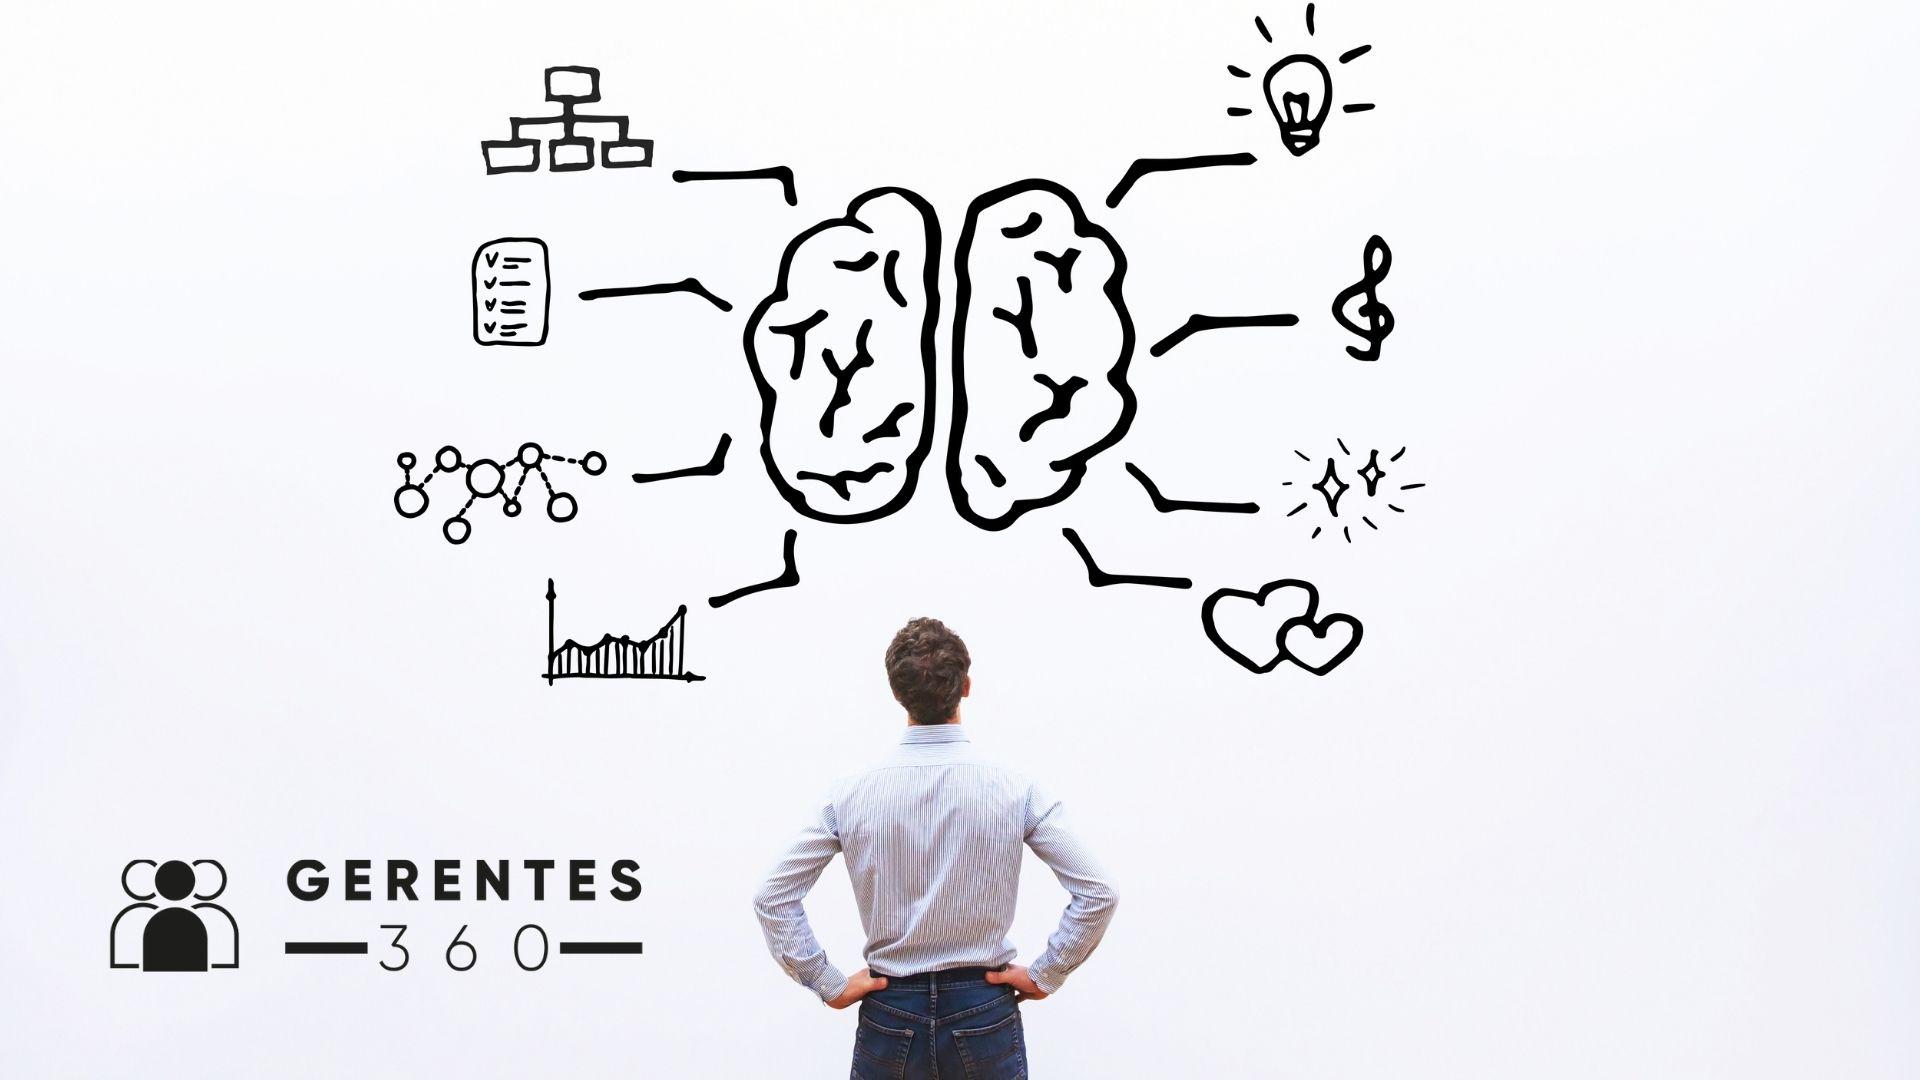 Neurociencia en la Gestión Empresarial, Tecnología y Alta Gerencia y los Efectos Económicos por el Coronavirus - Video Blog Gerentes 360 Episodio # 9 - Septiembre 28 de 2020